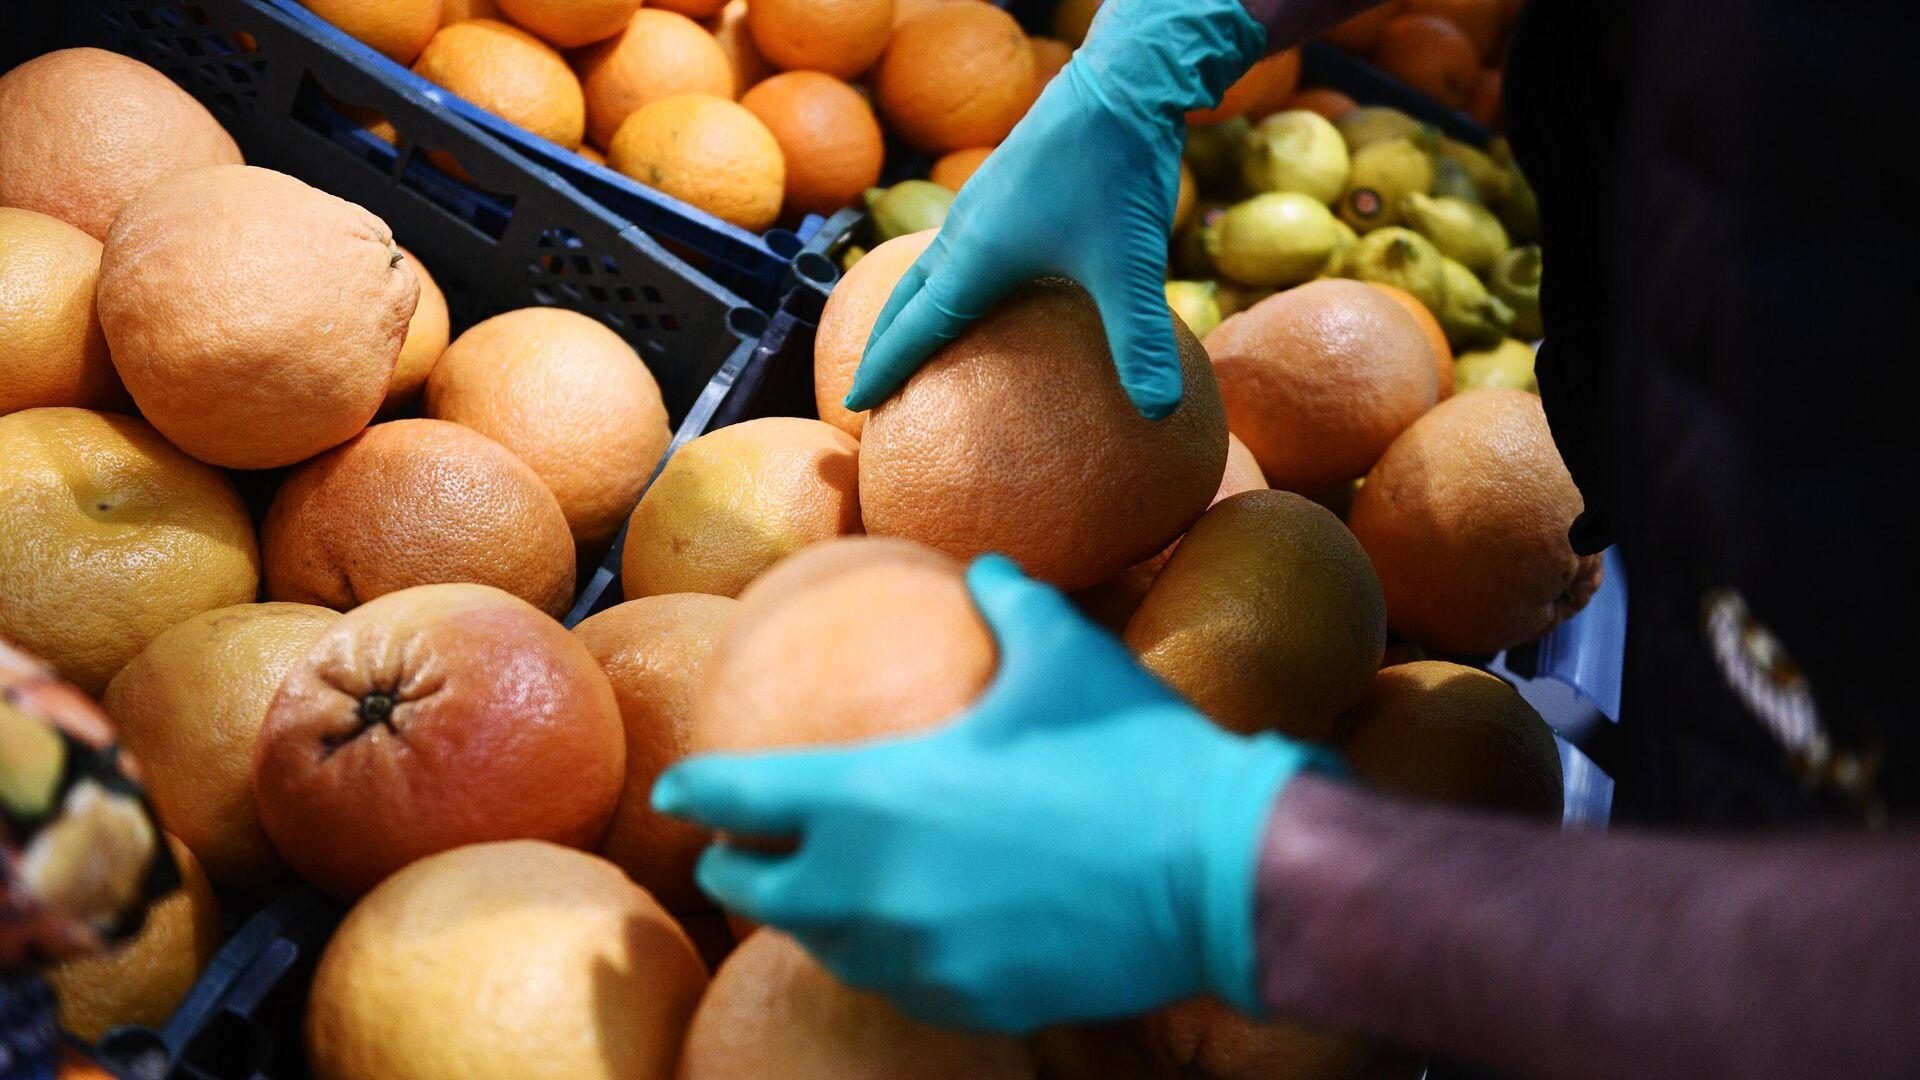 Покупатель выбирает фрукты в продуктовом магазине в Москве - РИА Новости, 1920, 16.08.2020